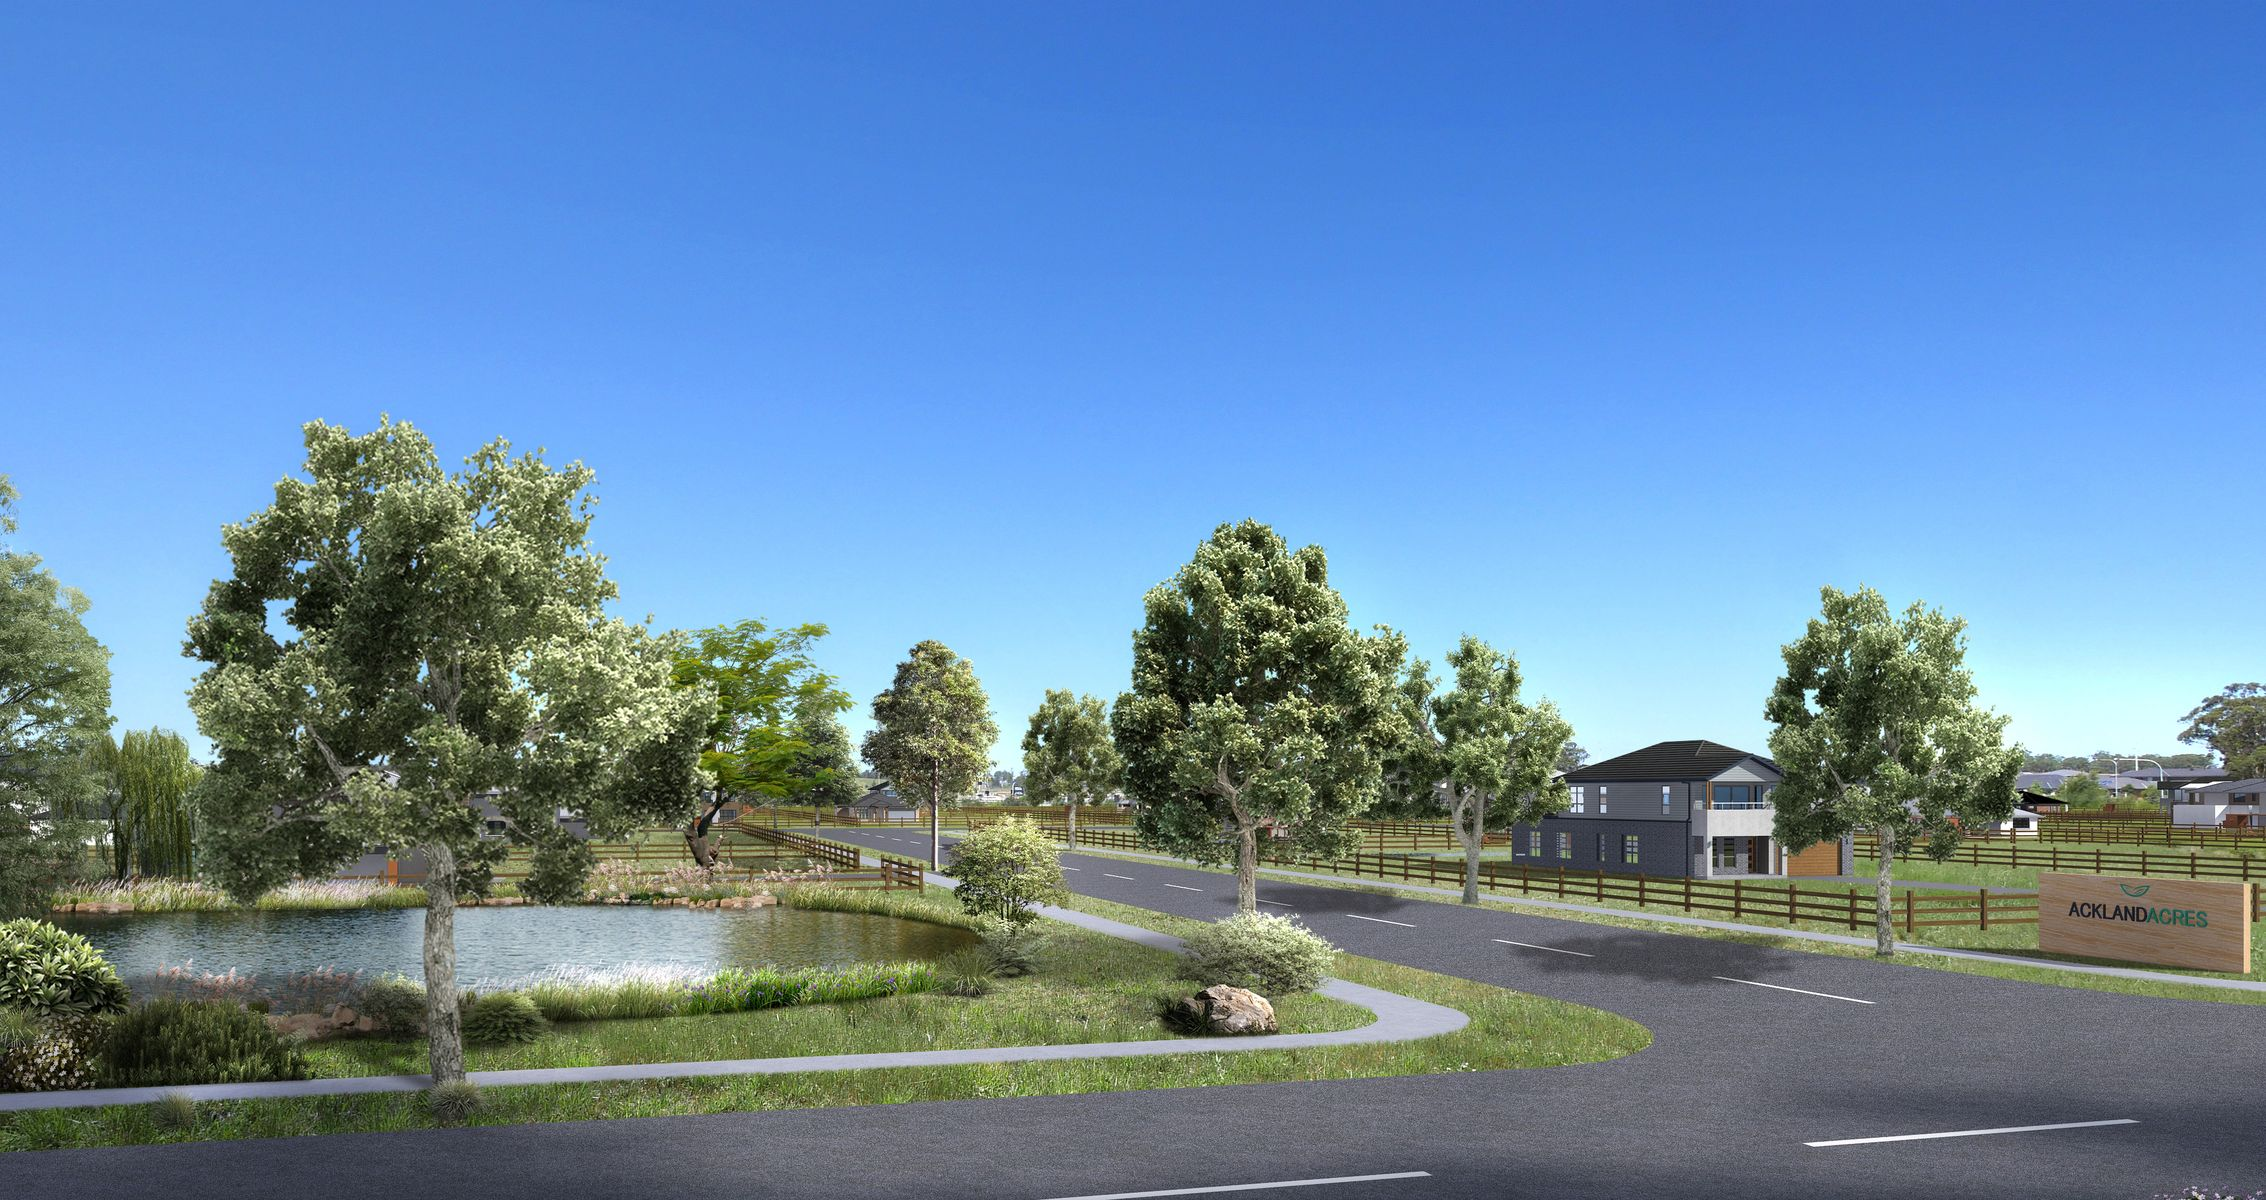 Lot 43 Ackland Acres, Lethbridge, VIC 3332